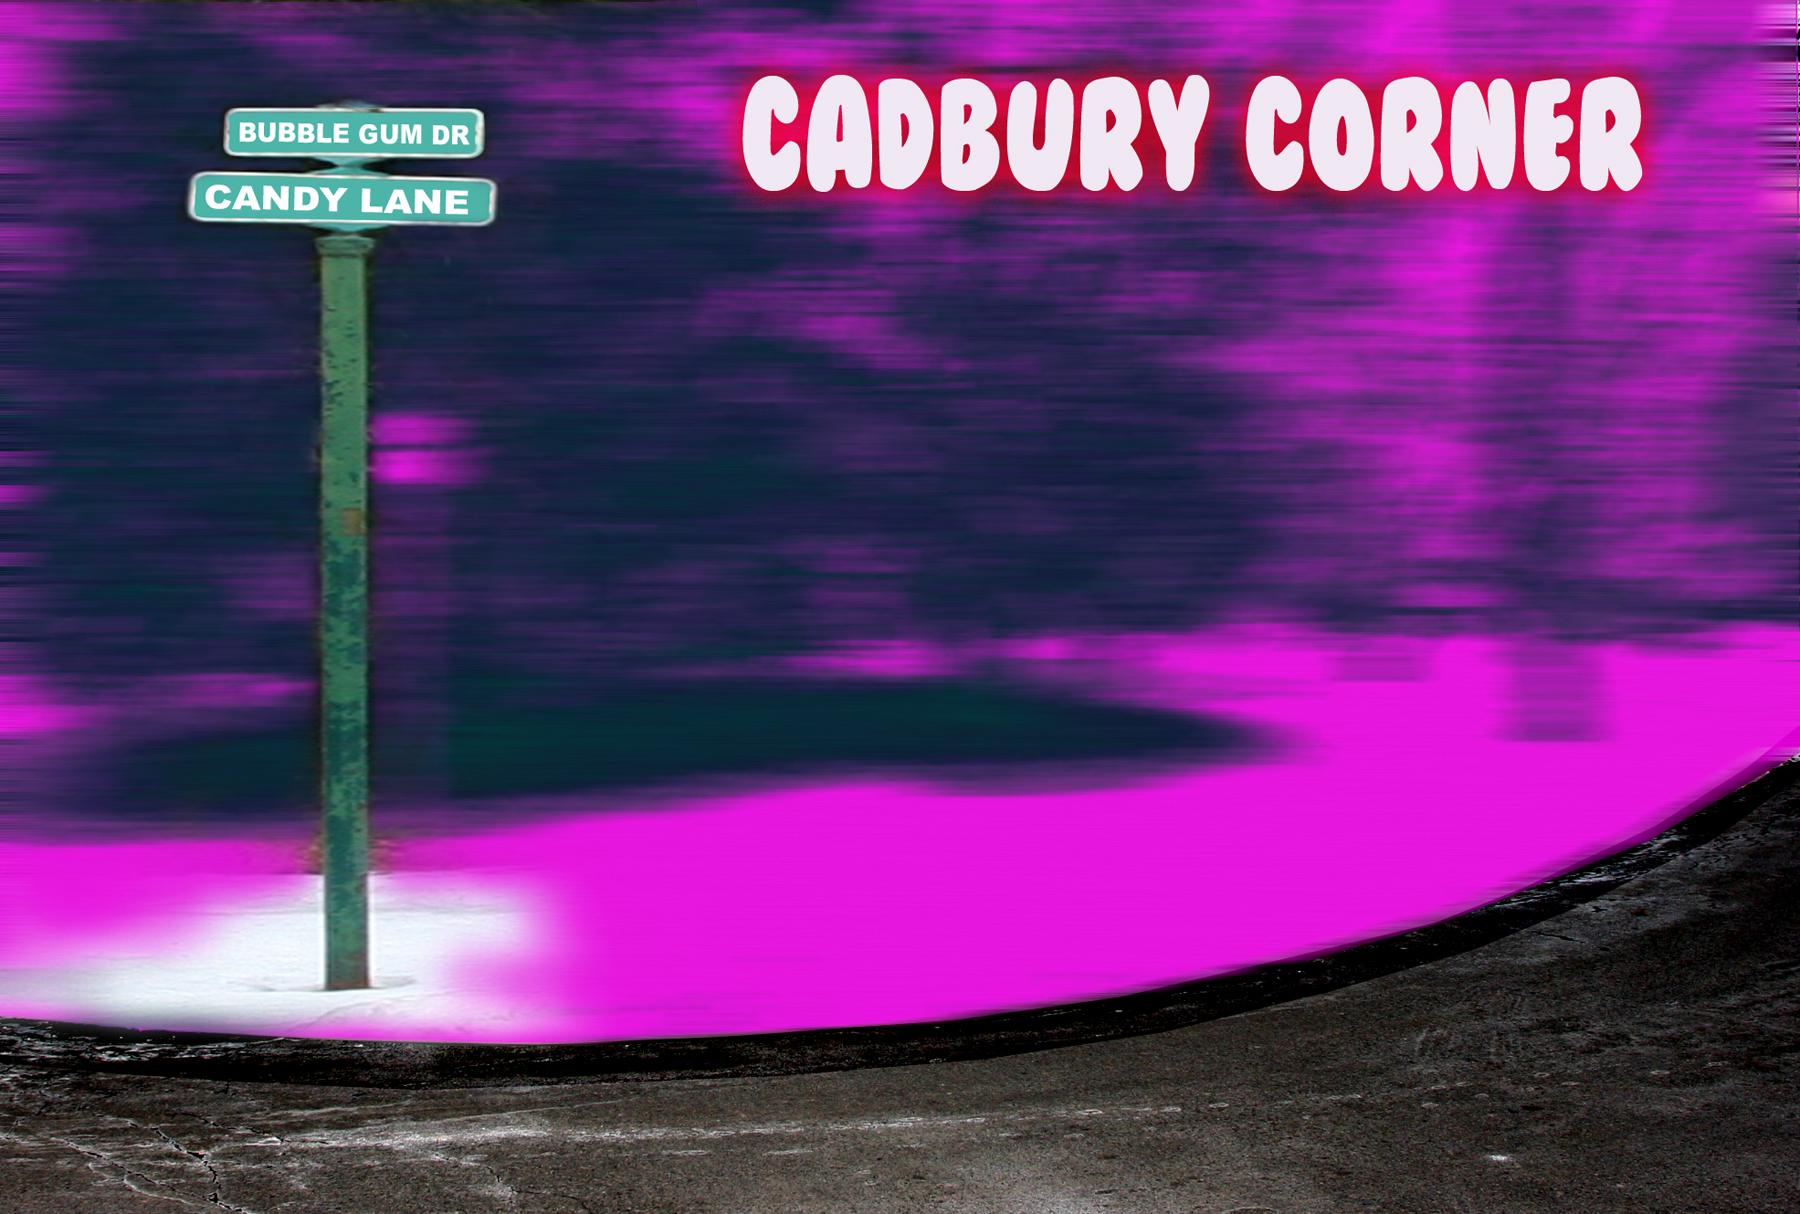 Cadbury corner A